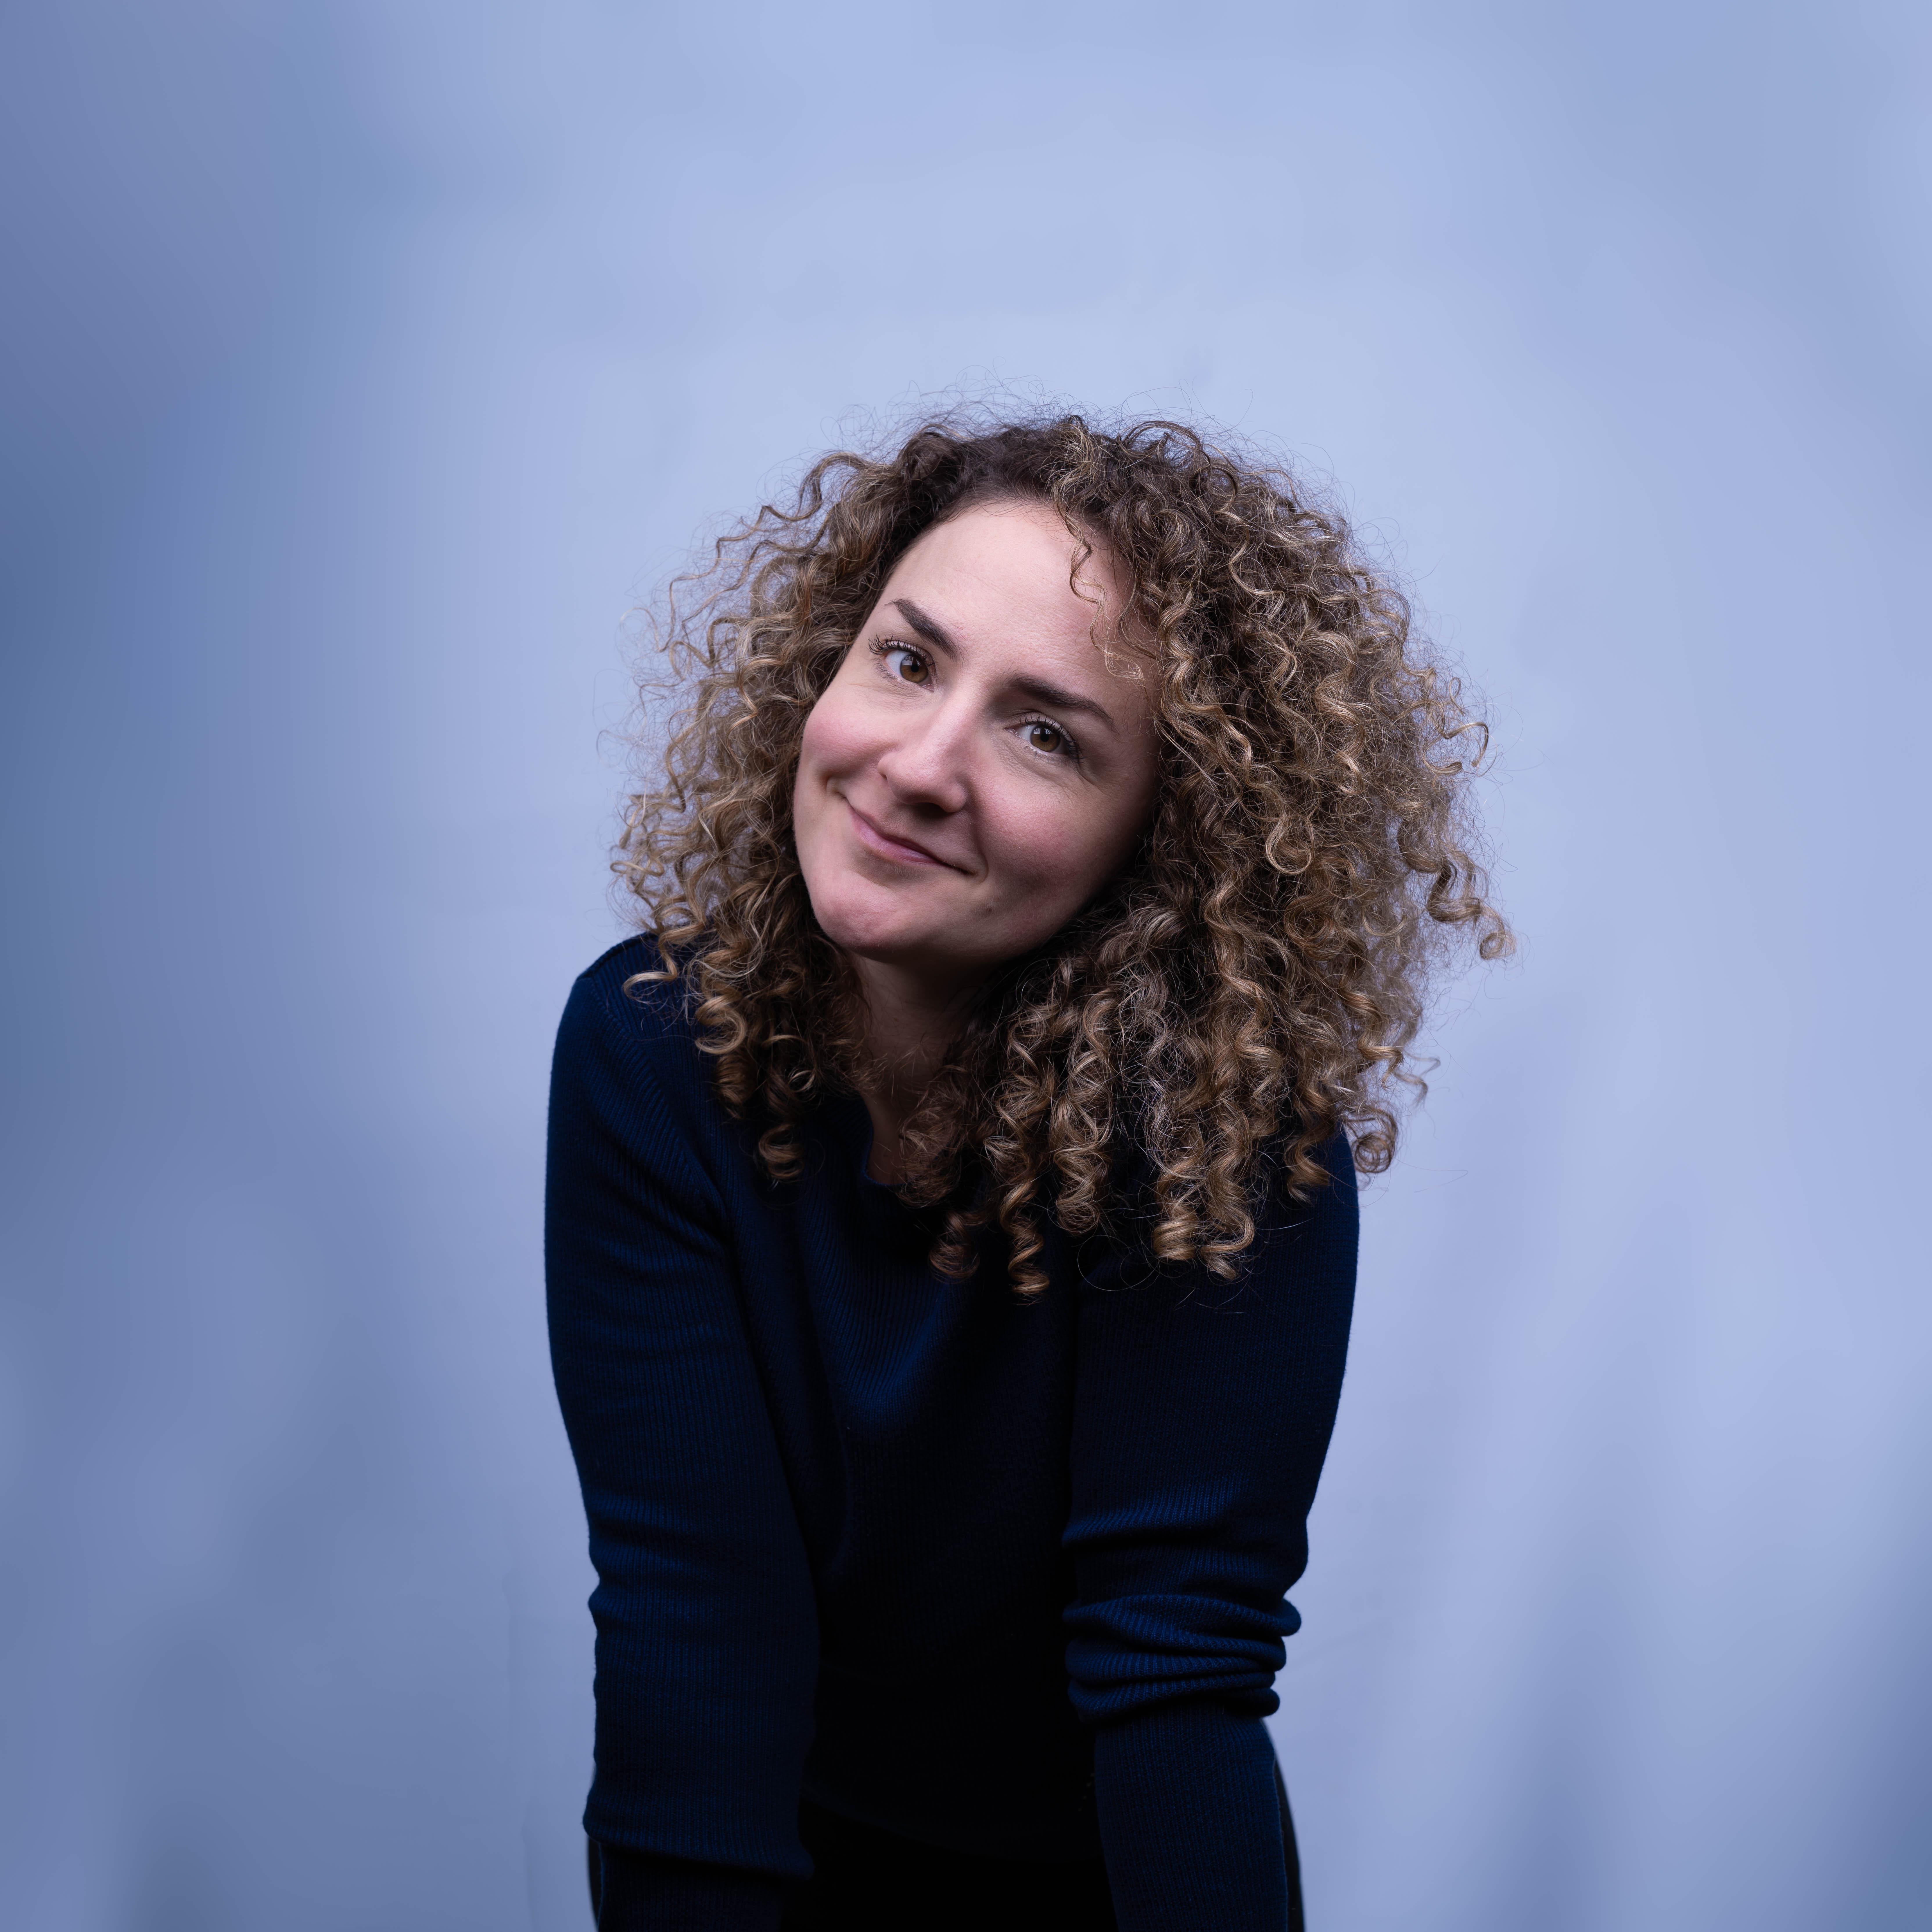 Desiree van Haaren - fotografie Bas de B